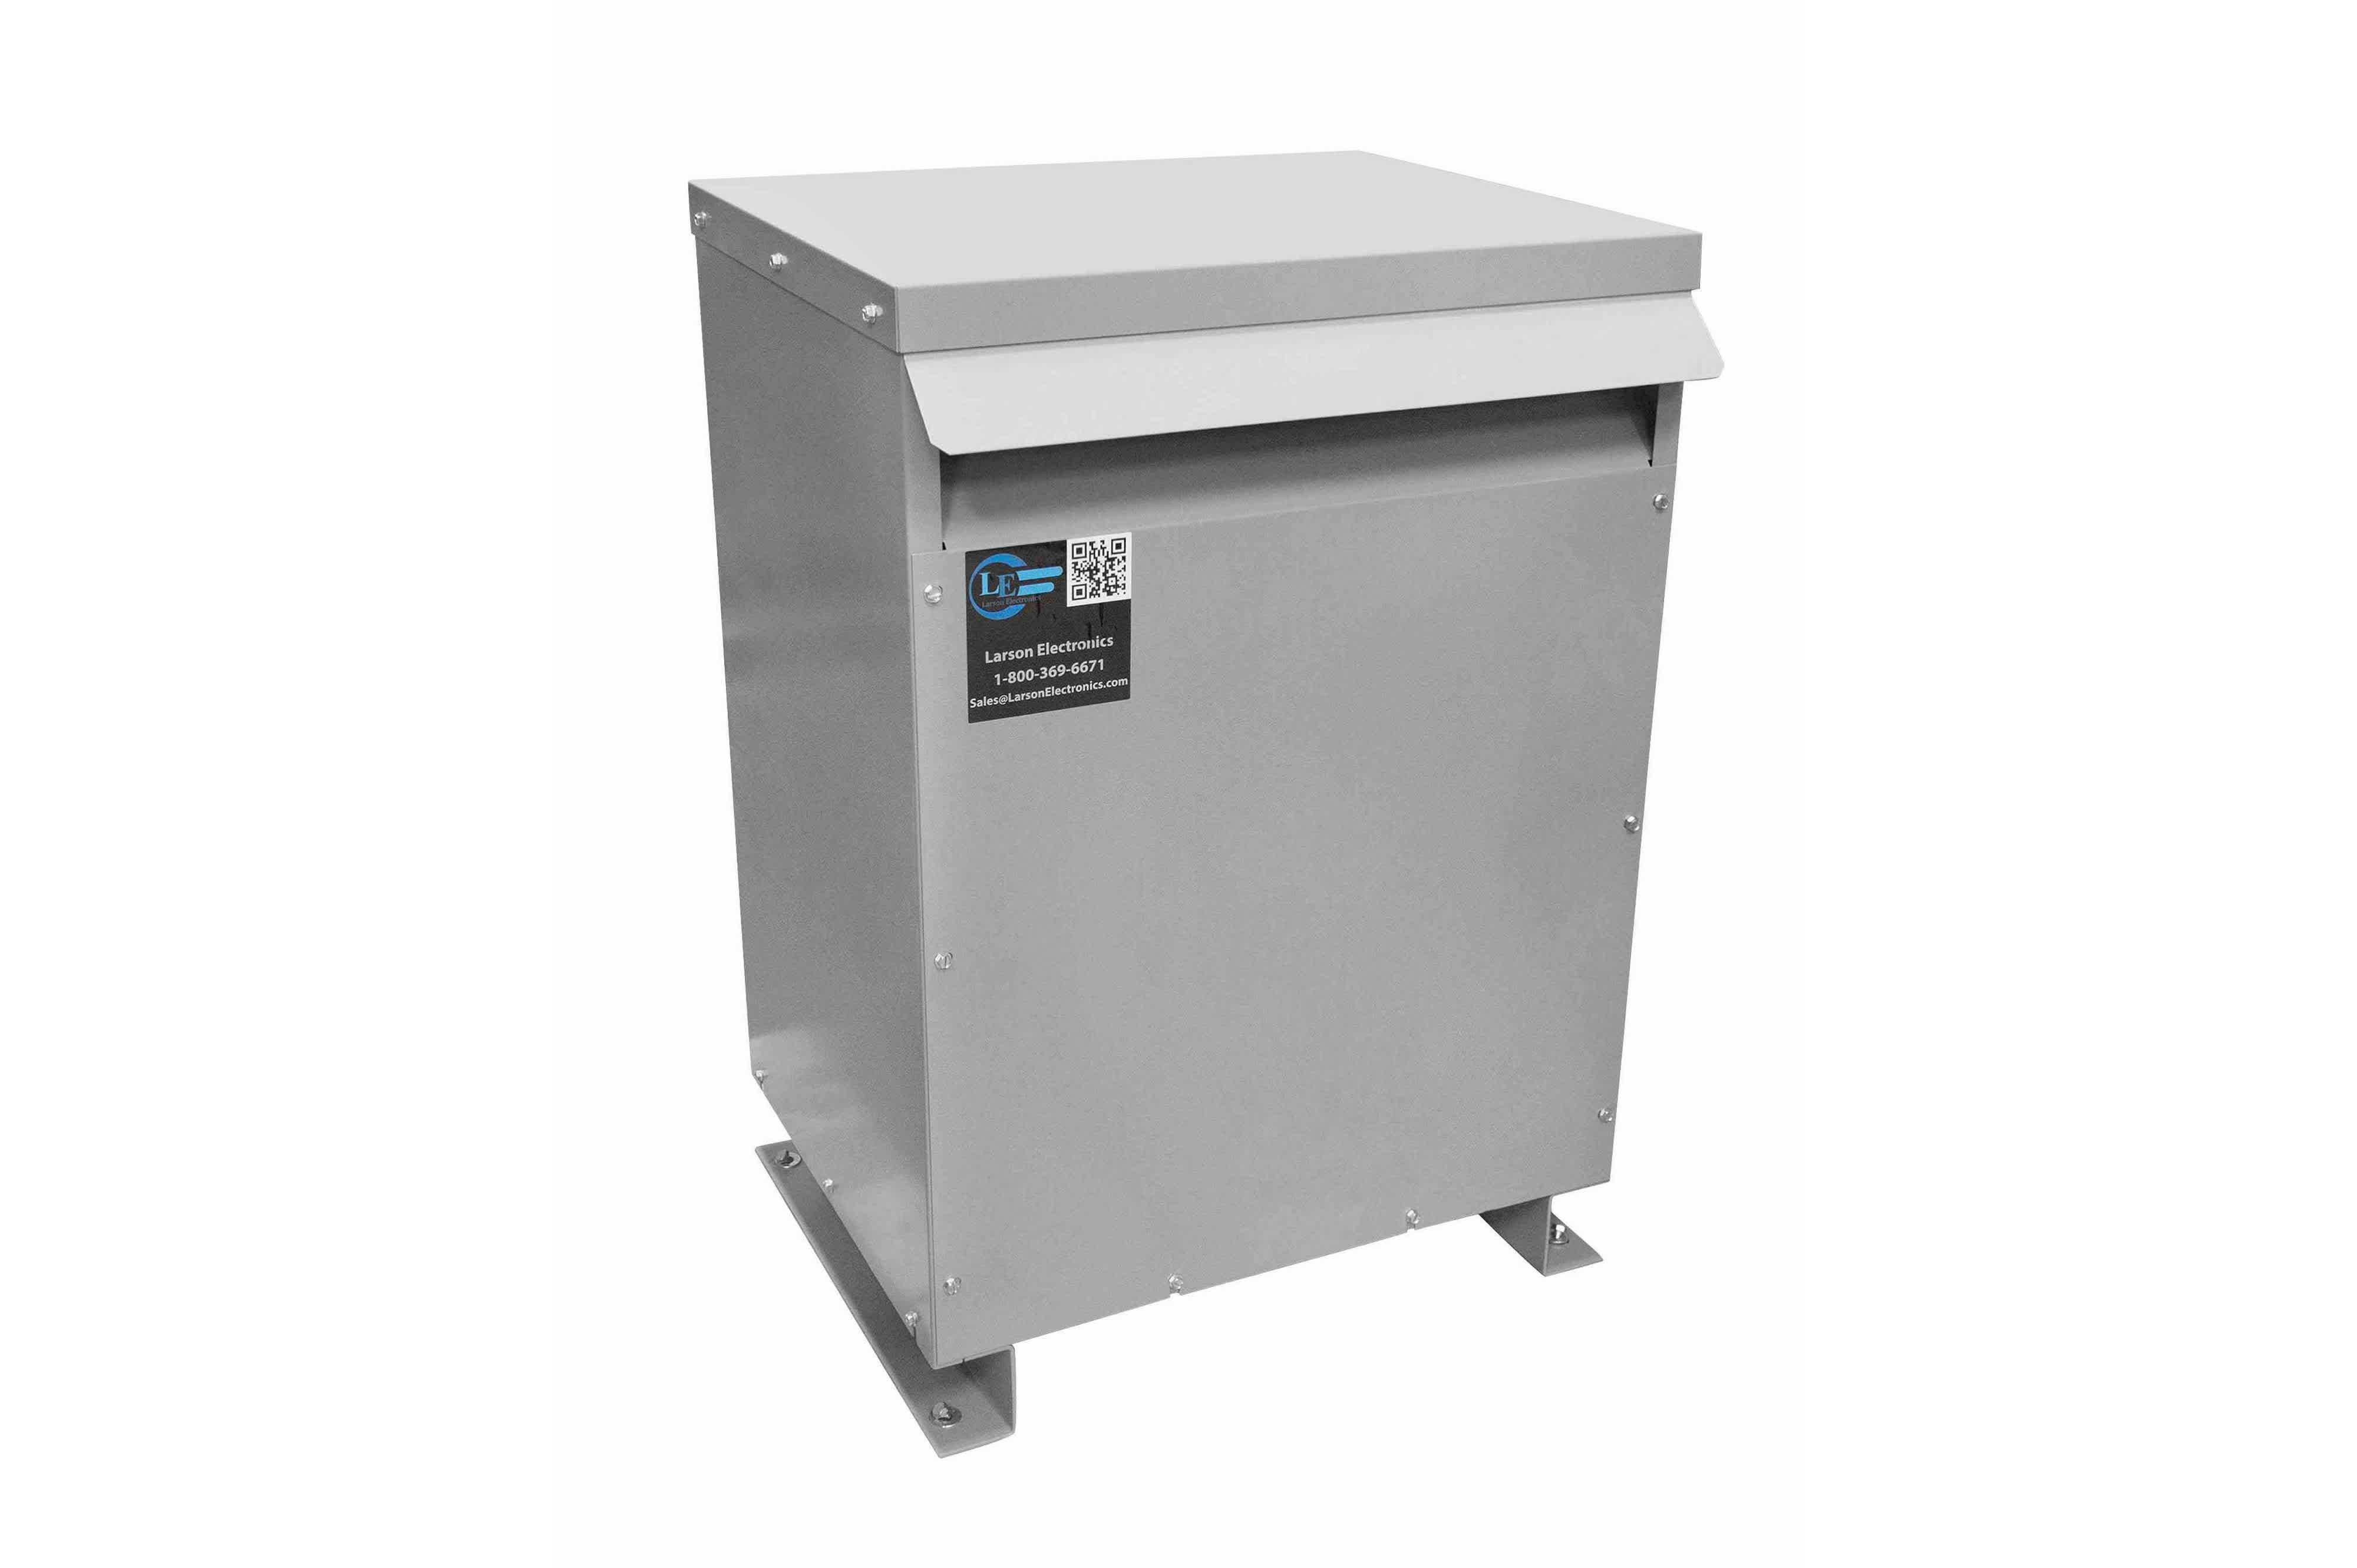 28 kVA 3PH Isolation Transformer, 440V Delta Primary, 208V Delta Secondary, N3R, Ventilated, 60 Hz